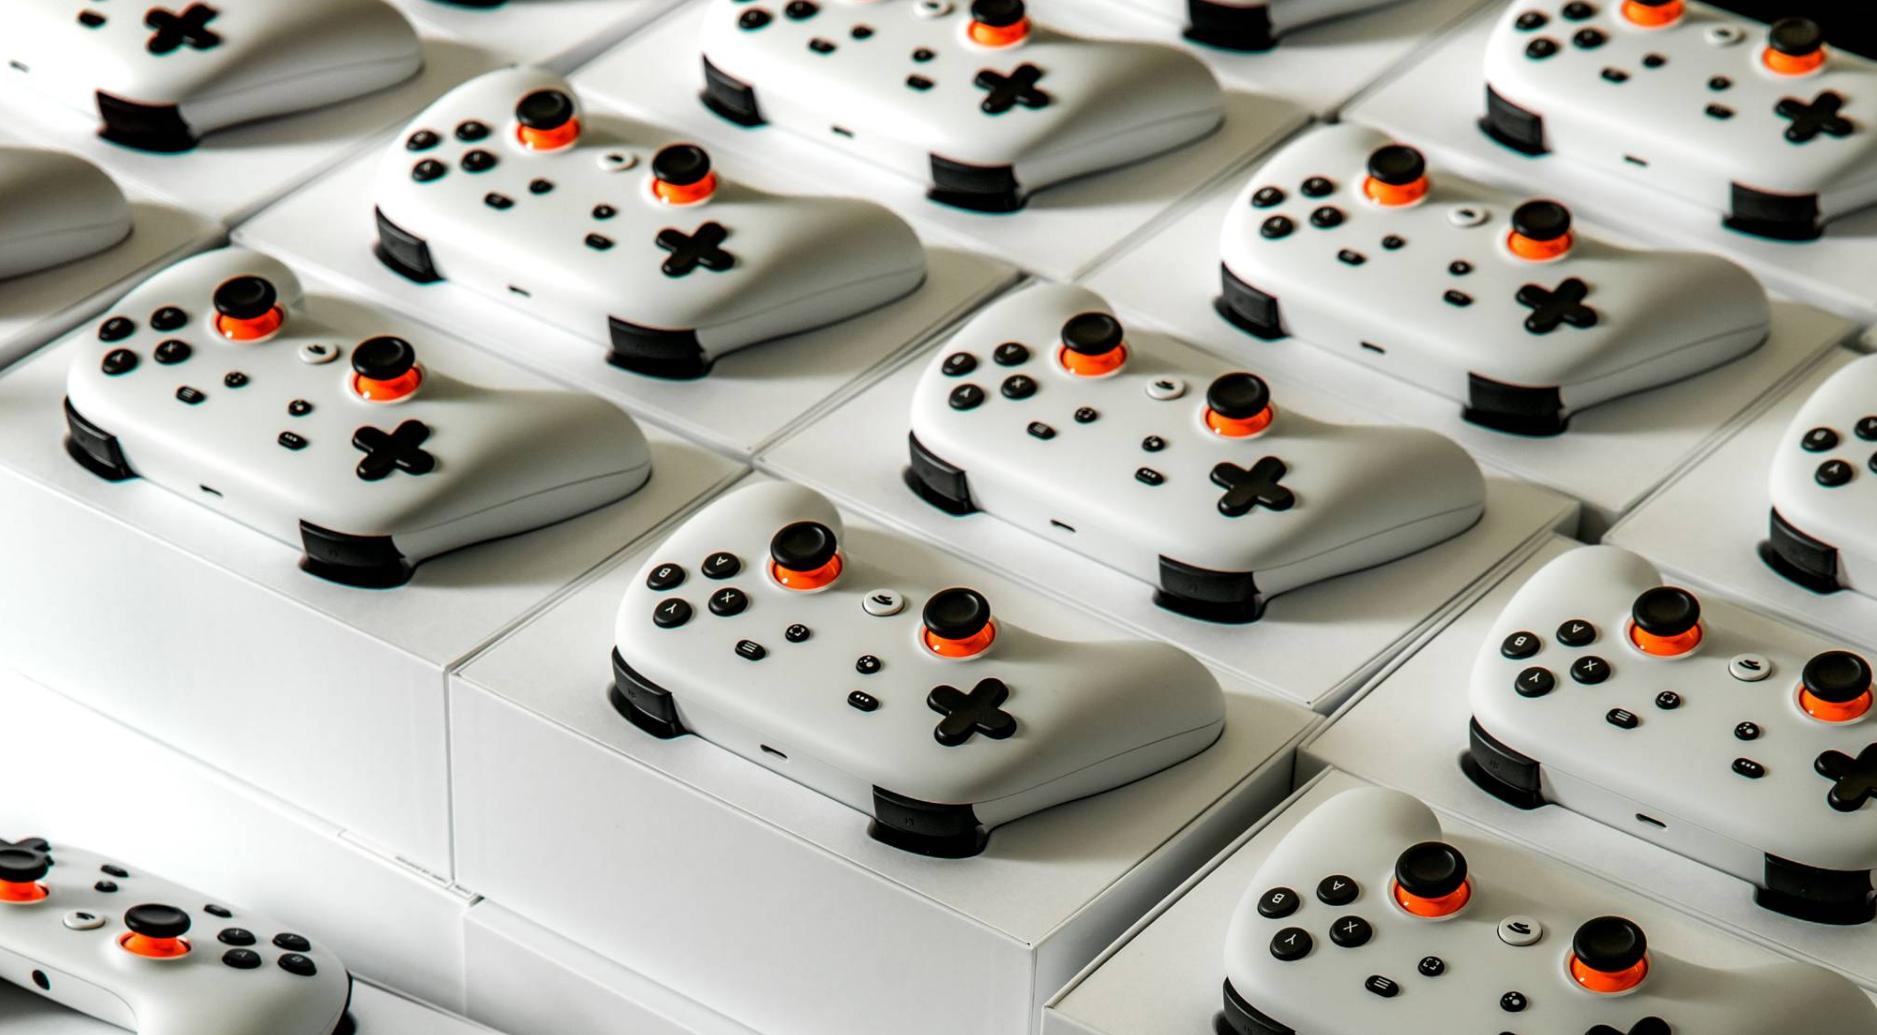 Коварный план: Google Stadia заработала на консолях Xbox благодаря обновленному Edge